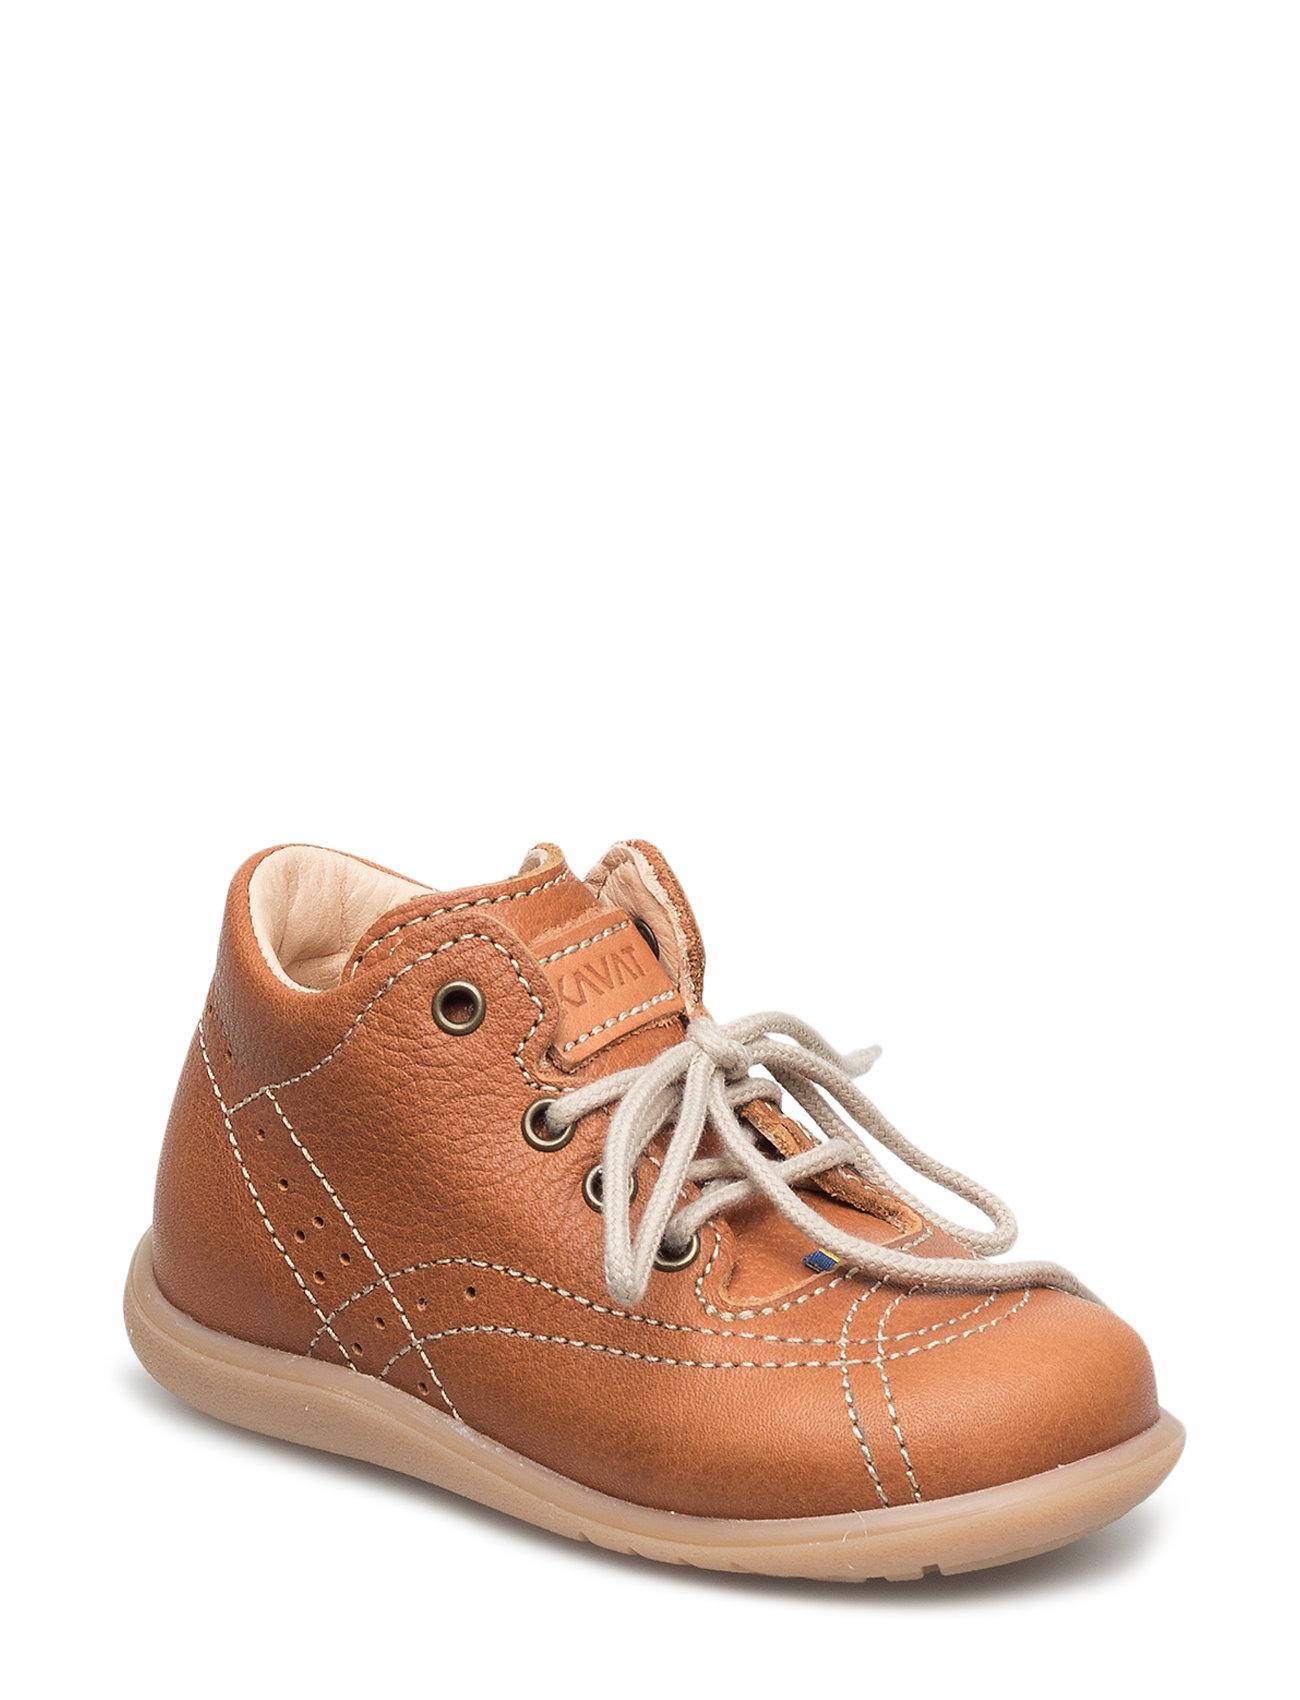 Edsbro Ep Shoe Kavat Sko & Sneakers til Børn i Lysebrun